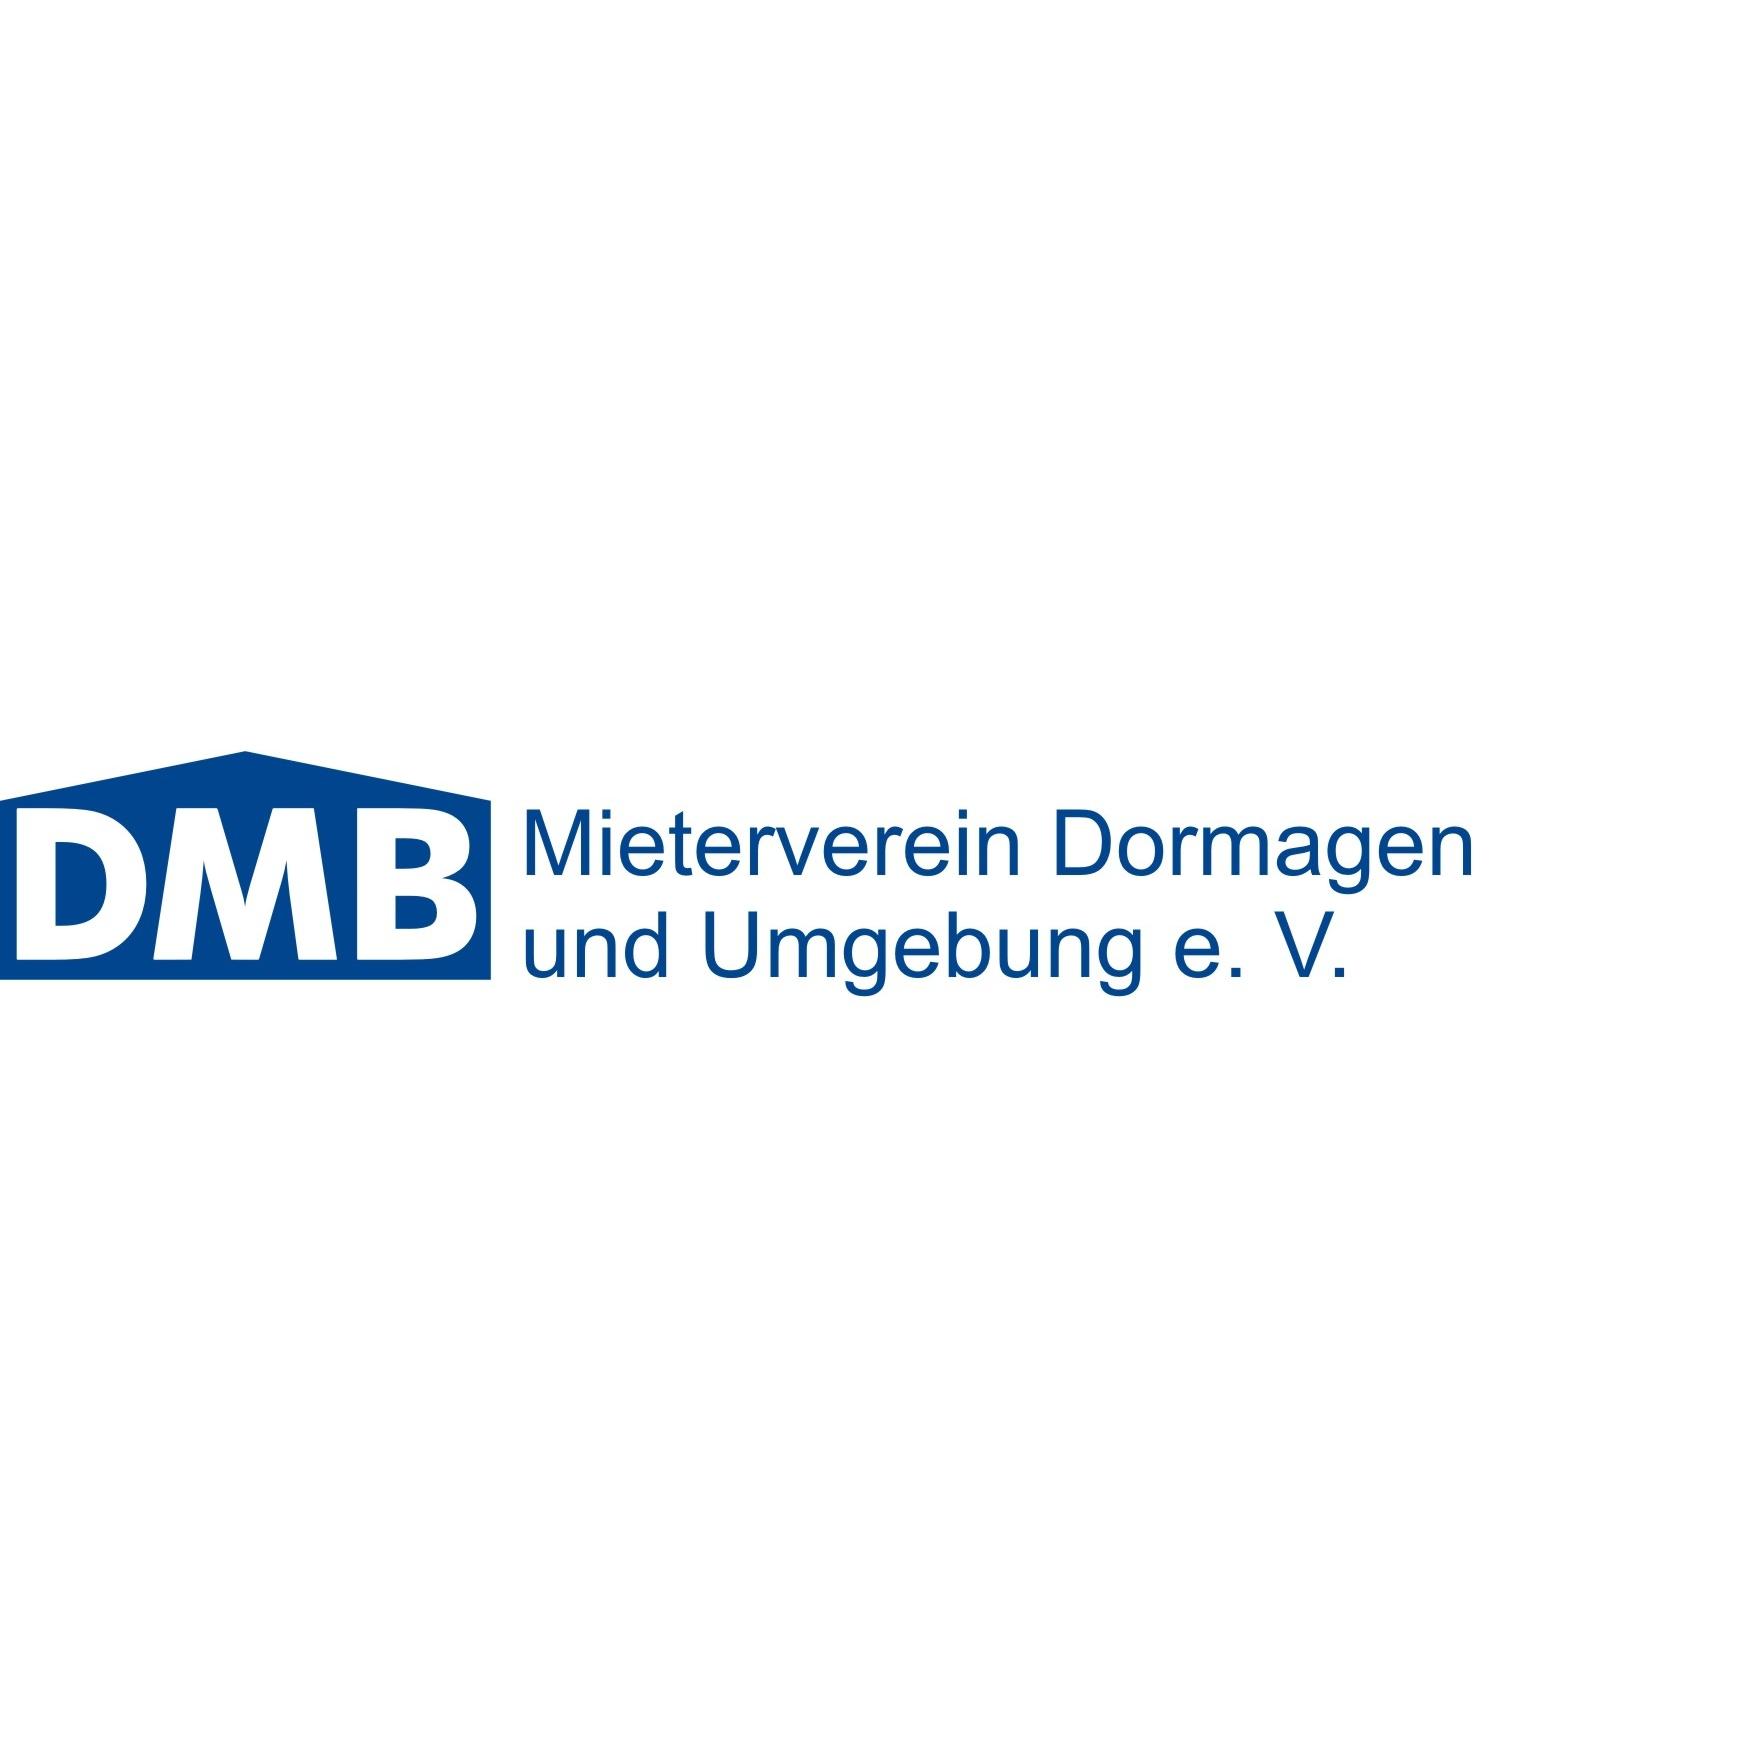 Bild zu und Umgebung e.V. Mieterverein Dormagen in Dormagen